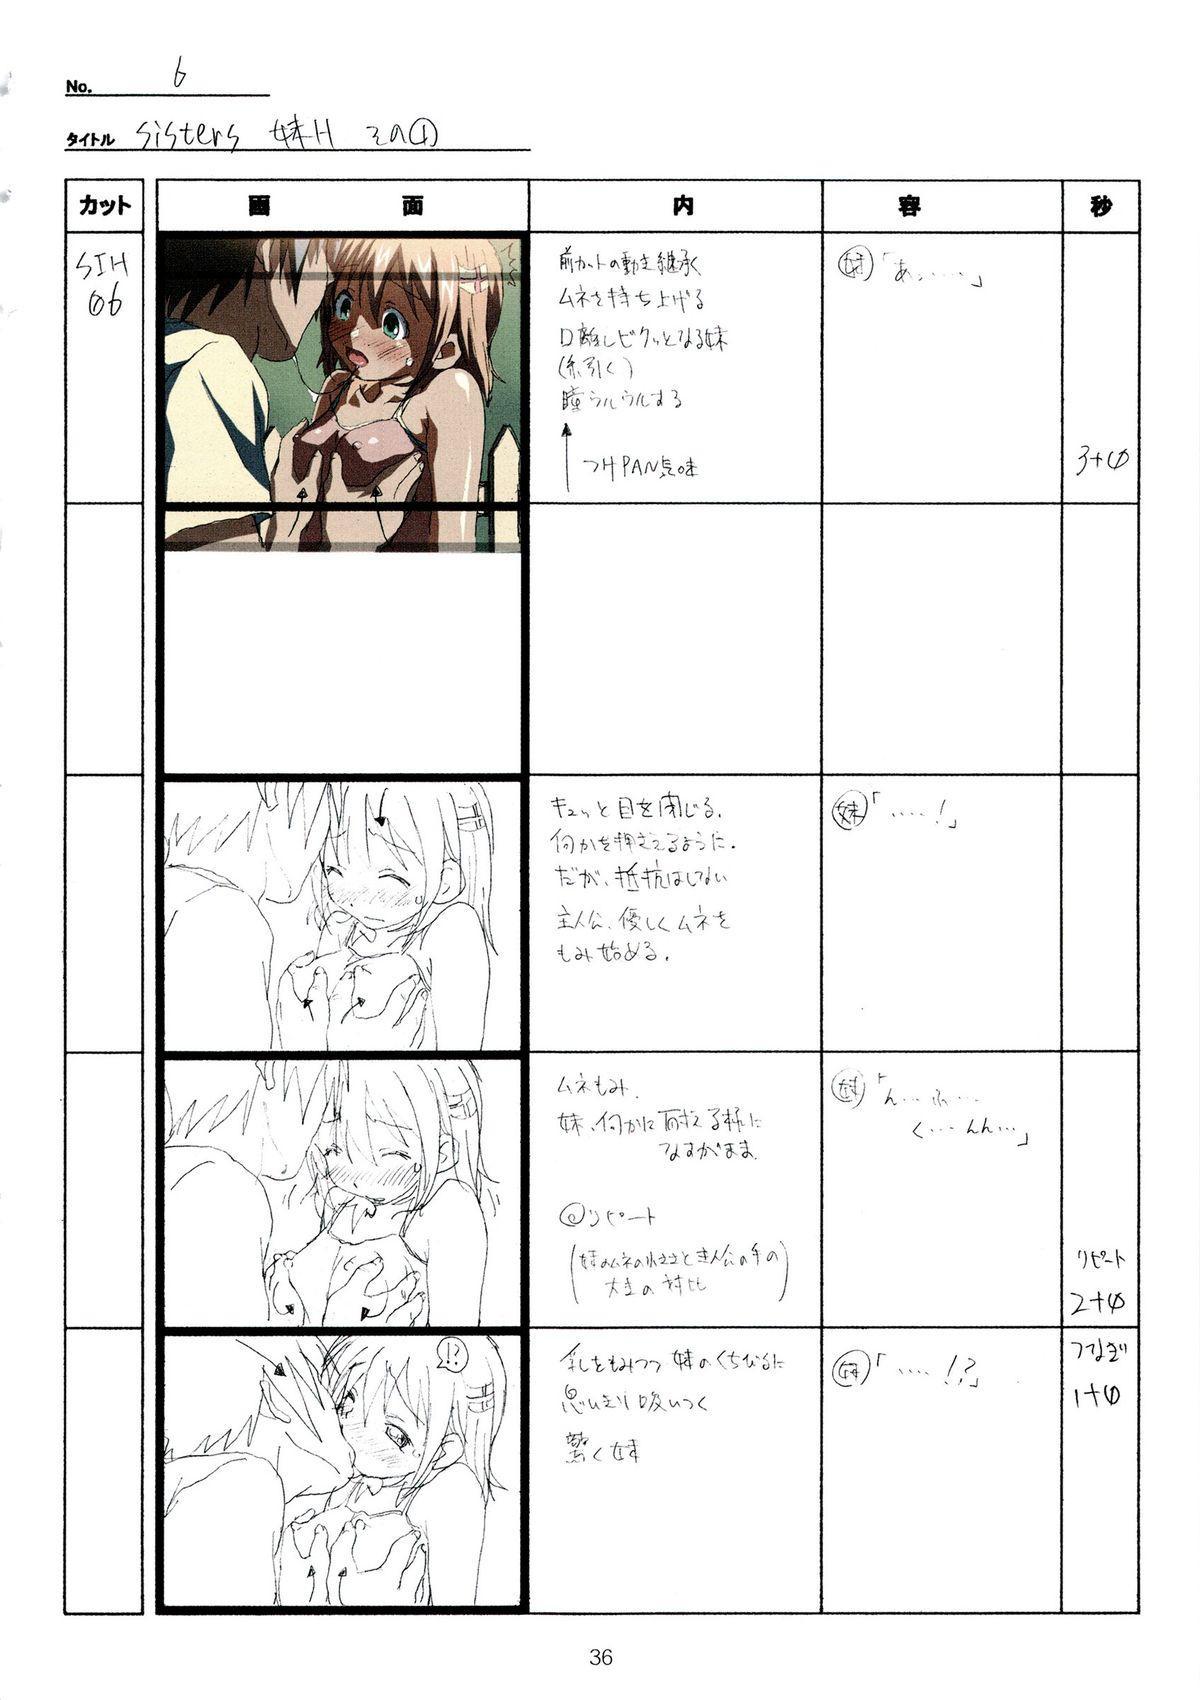 (C89) [Makino Jimusho (Taki Minashika)] SISTERS -Natsu no Saigo no Hi- H Scene All Part Storyboard (SISTERS -Natsu no Saigo no Hi-) 35